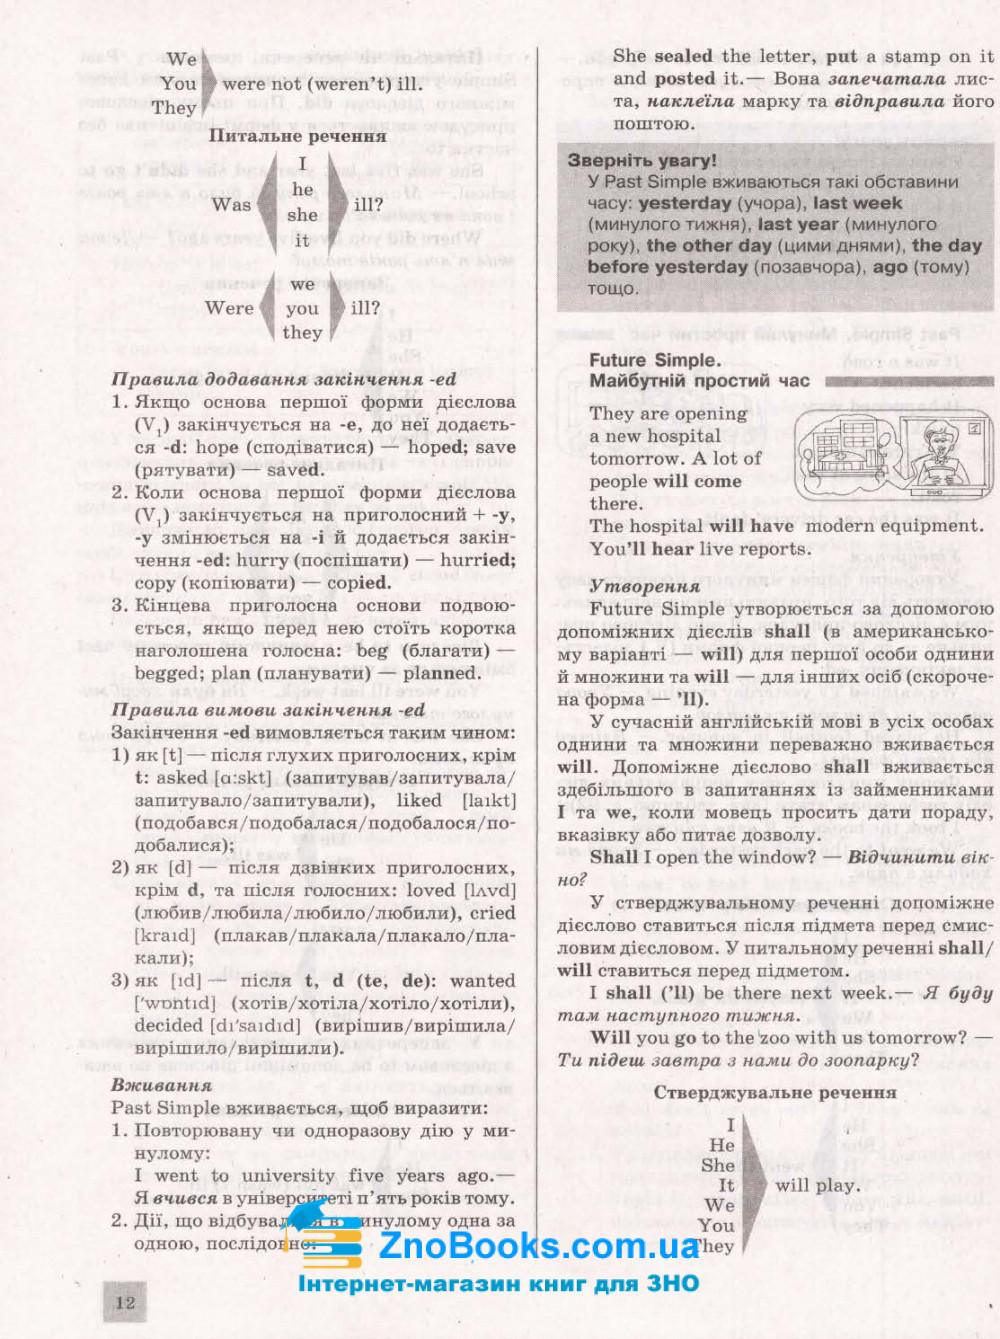 ЗНО 2021 Англійська мова. Комплексне видання : Чернишова Ю. Літера. купити 11